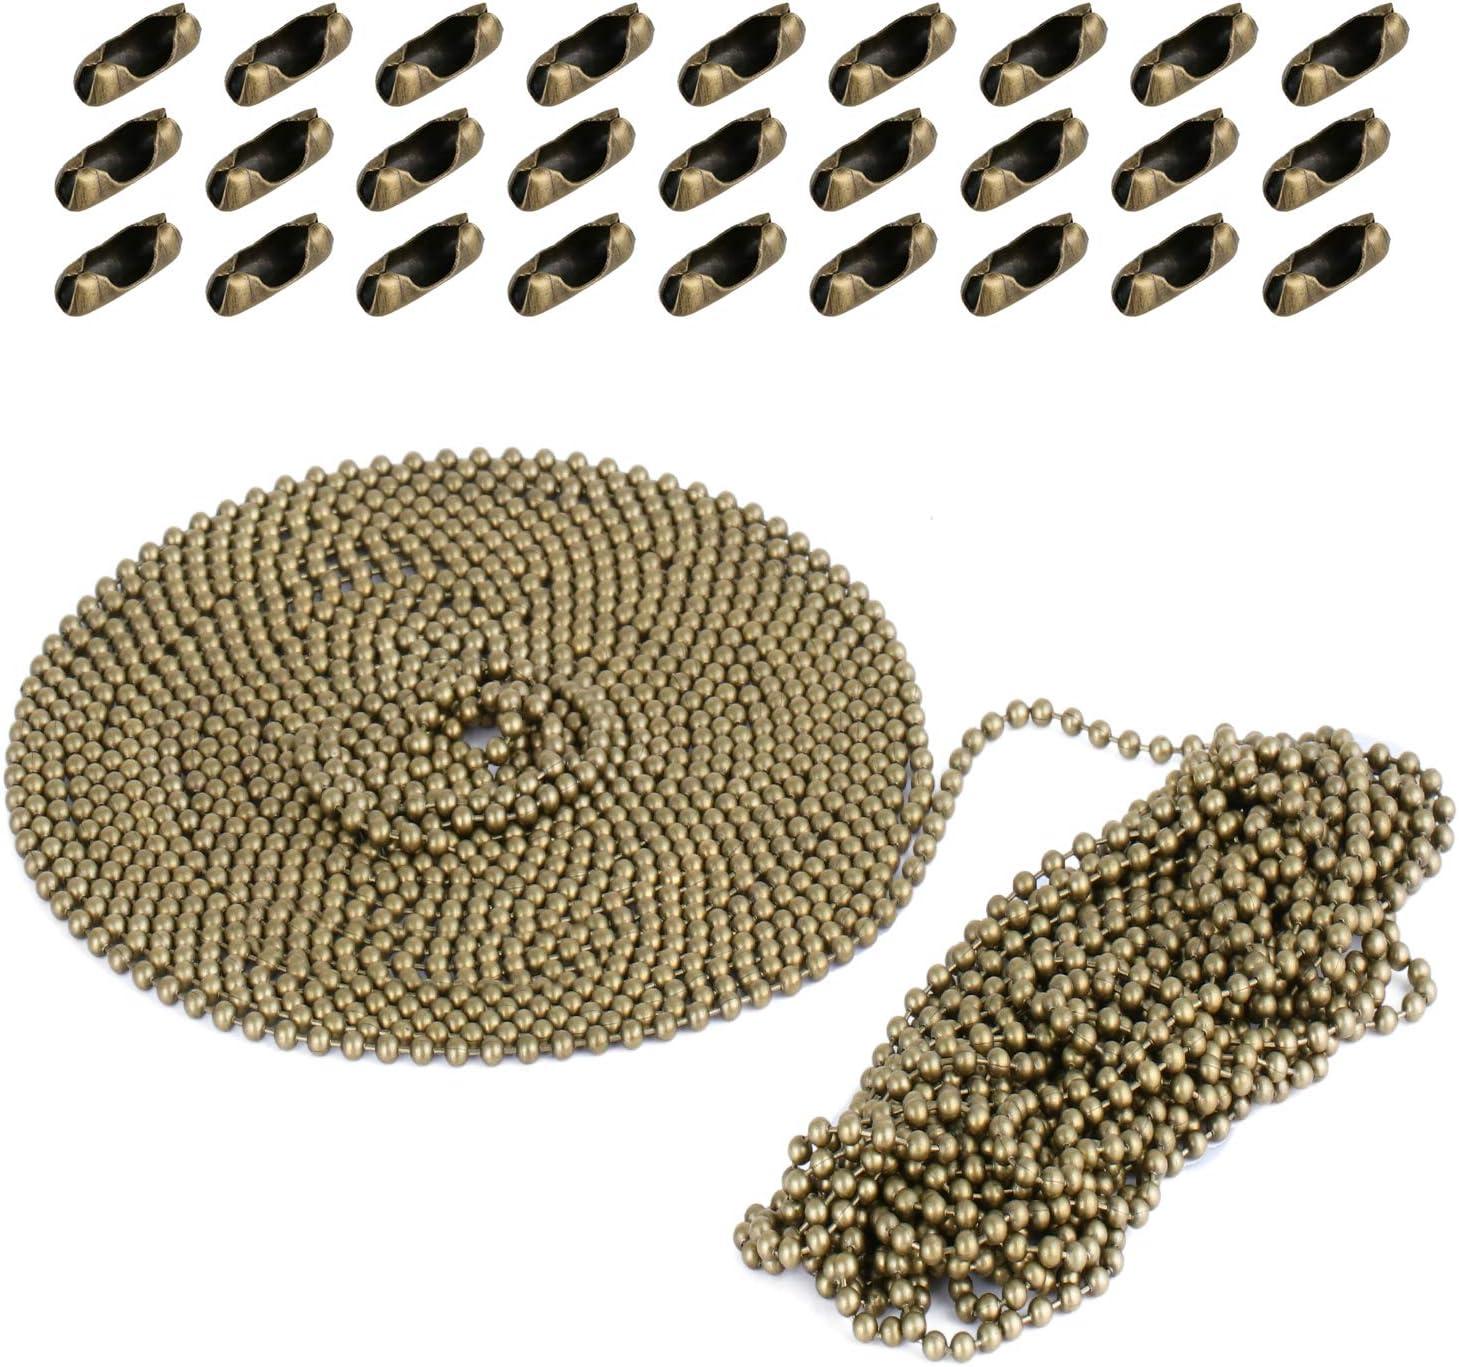 Coolt Y Extensión de cadena con cuentas de 10 m con conector, cadena de rodillos con cuentas con 30 conectores a juego para ventilador de techo o luz cada uno (32 pies, 3,2 mm de diámetro, bronce)